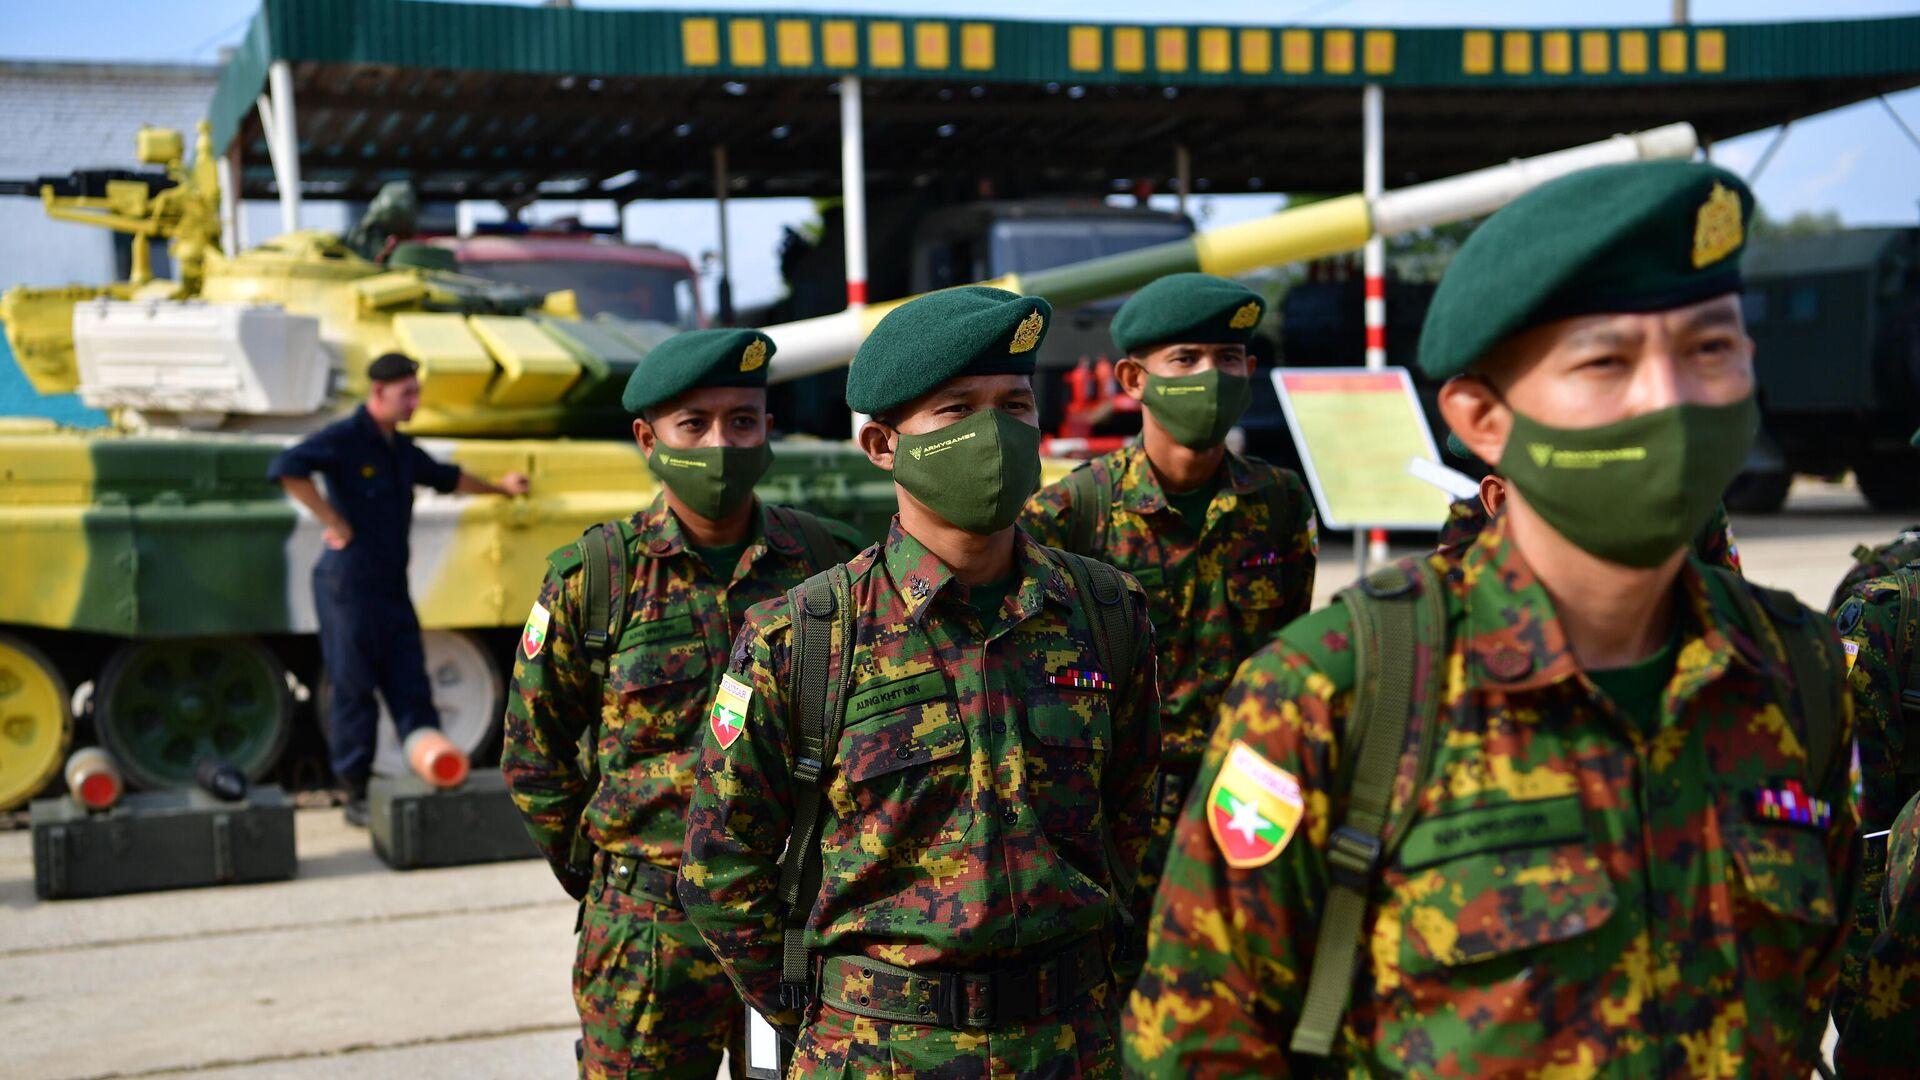 Militares birmanos durante los Juegos Militares Army 2021 - Sputnik Mundo, 1920, 23.08.2021